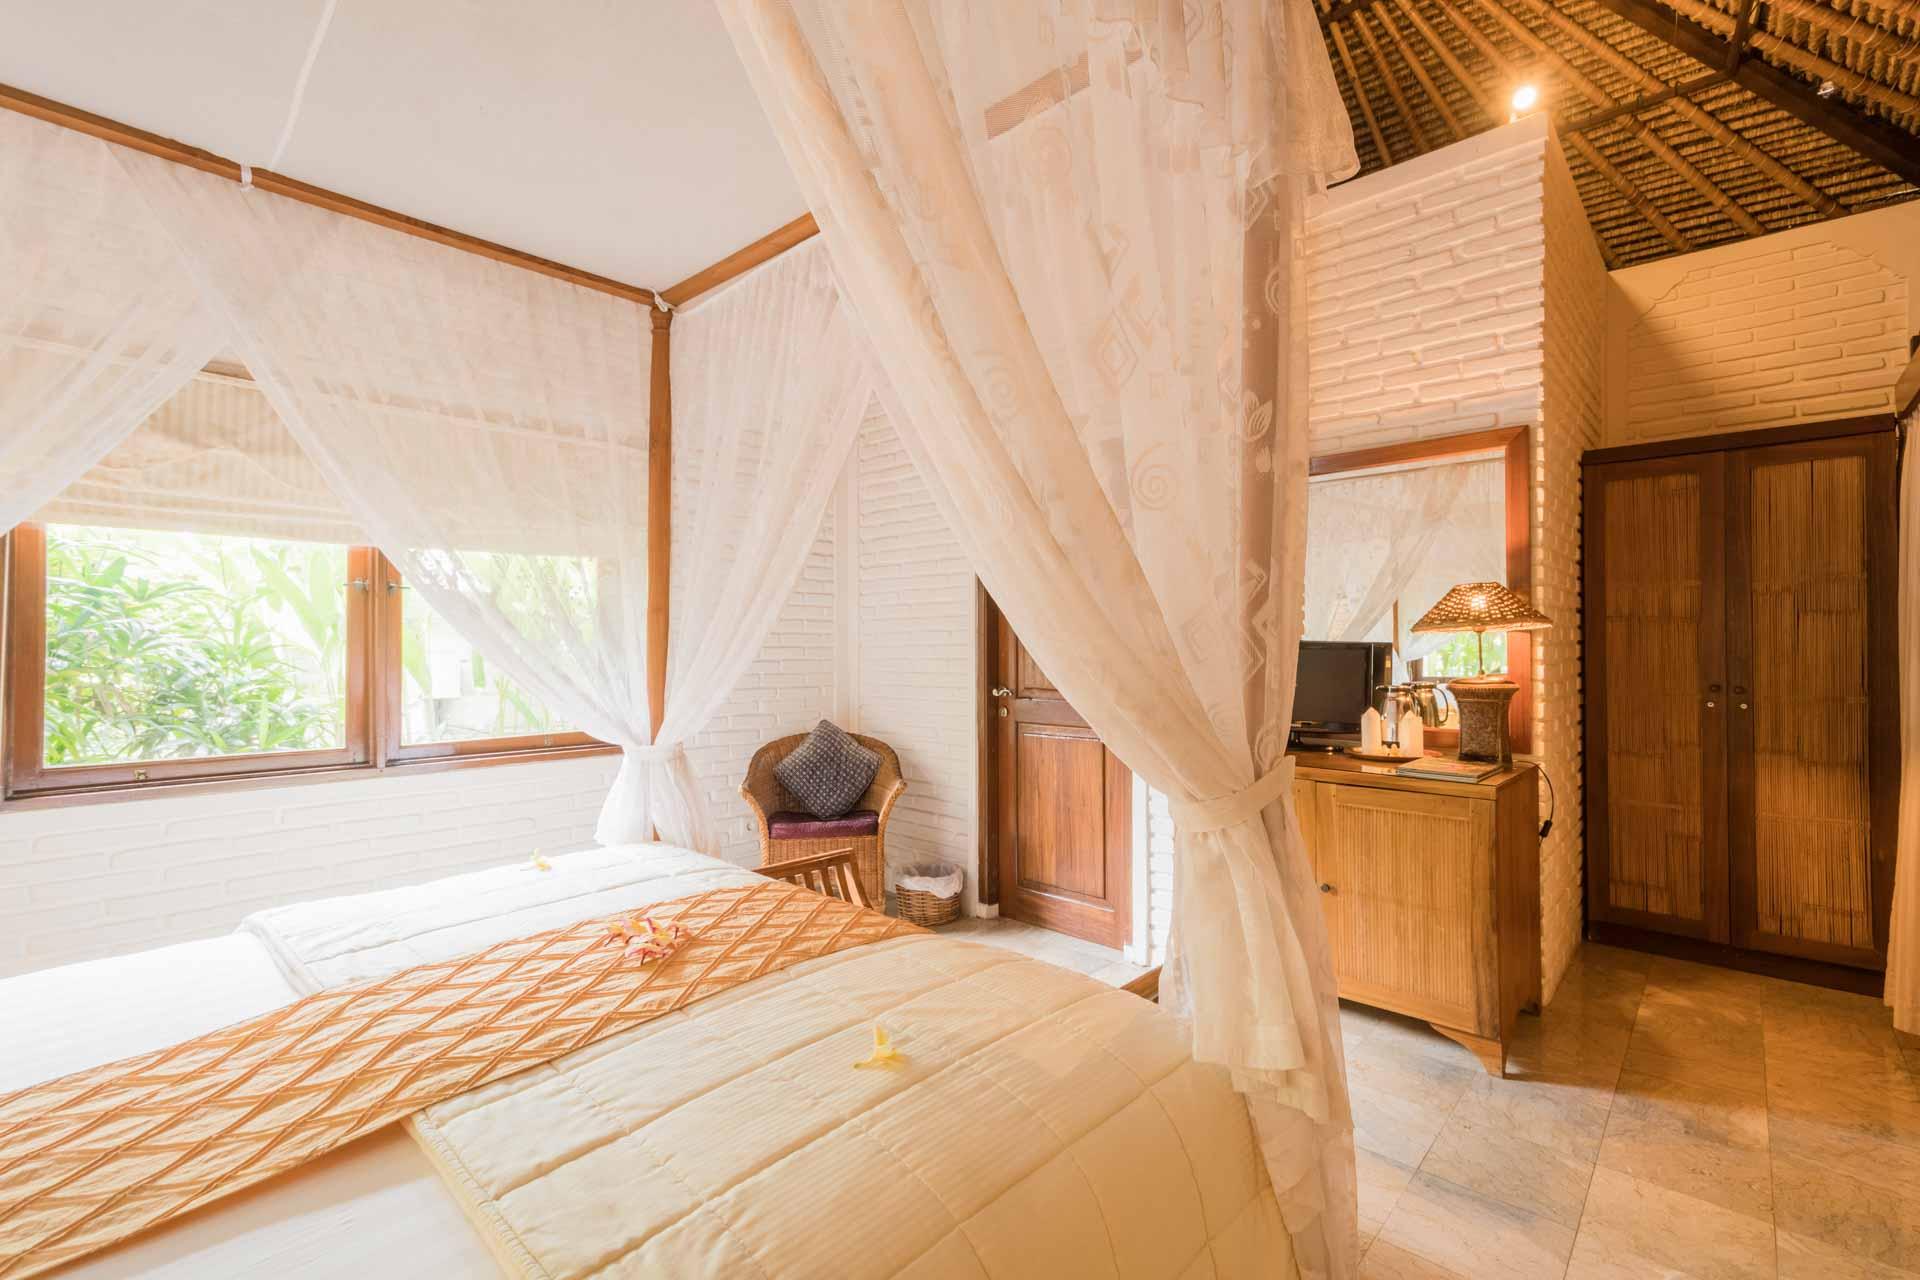 watergarden super deluxe room